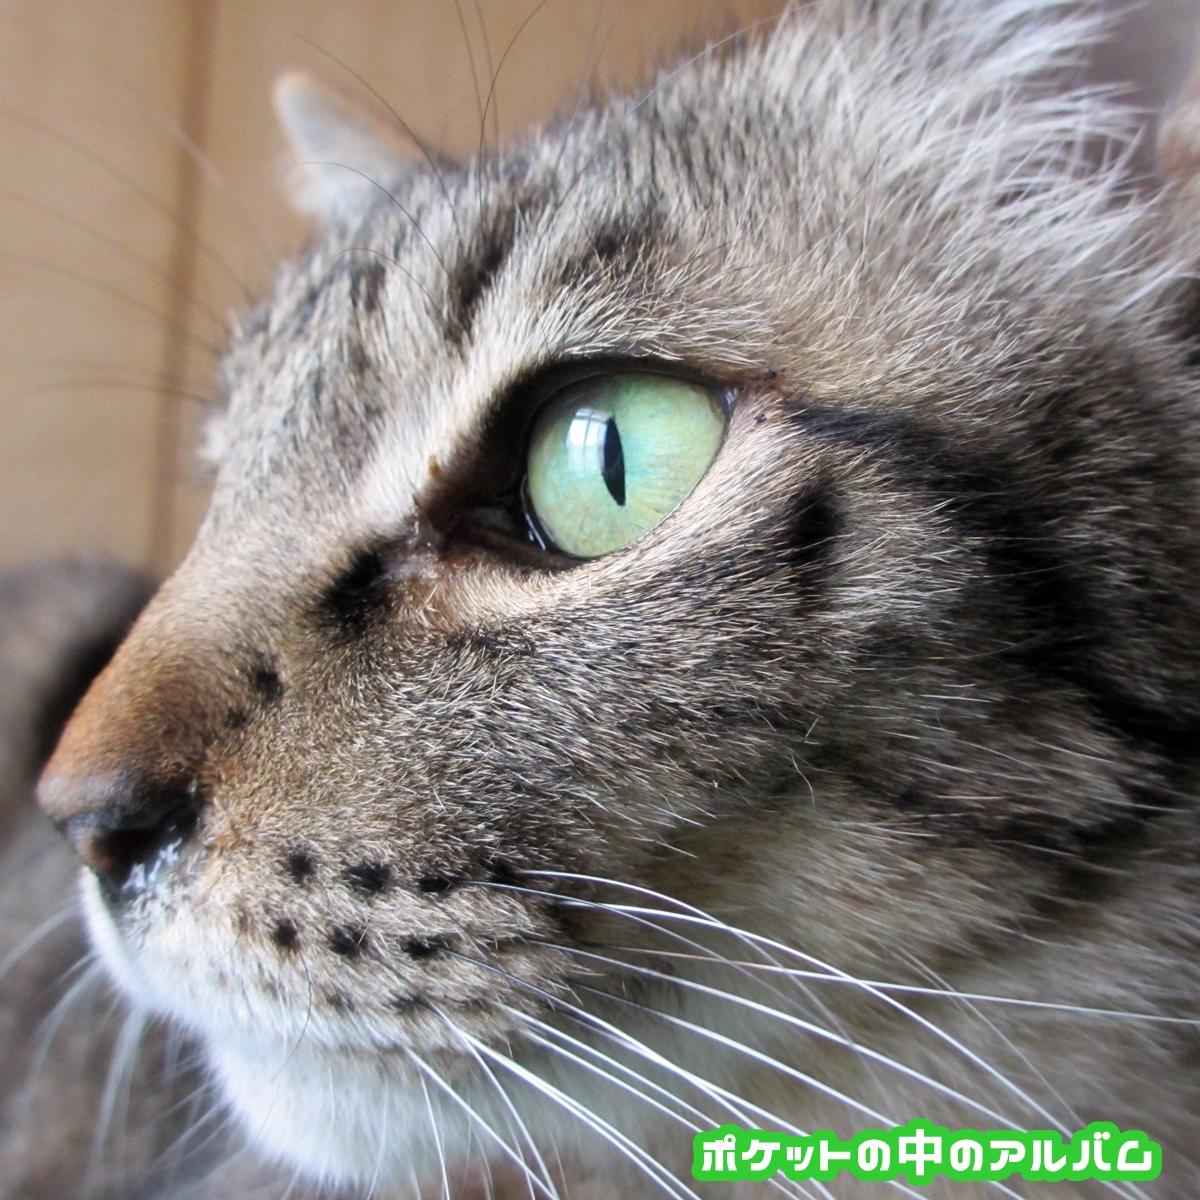 キジトラ猫アップ写真03